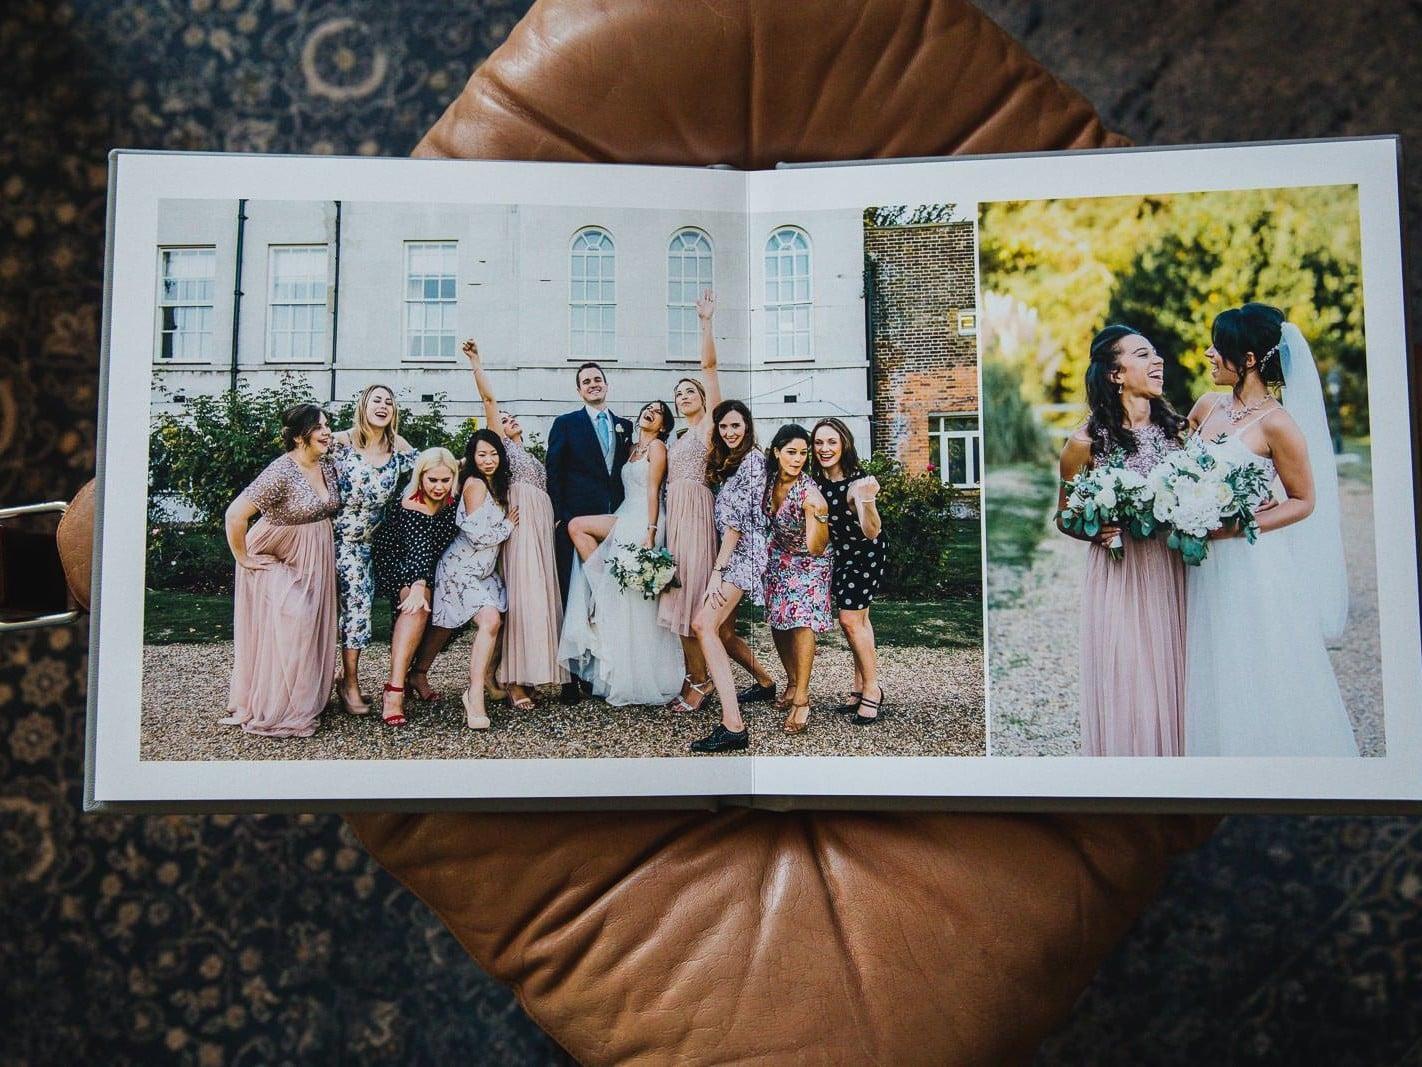 Wedding-Photographer-Surrey-Carl-Glancey-Folio-Wedding-Albums-19 3